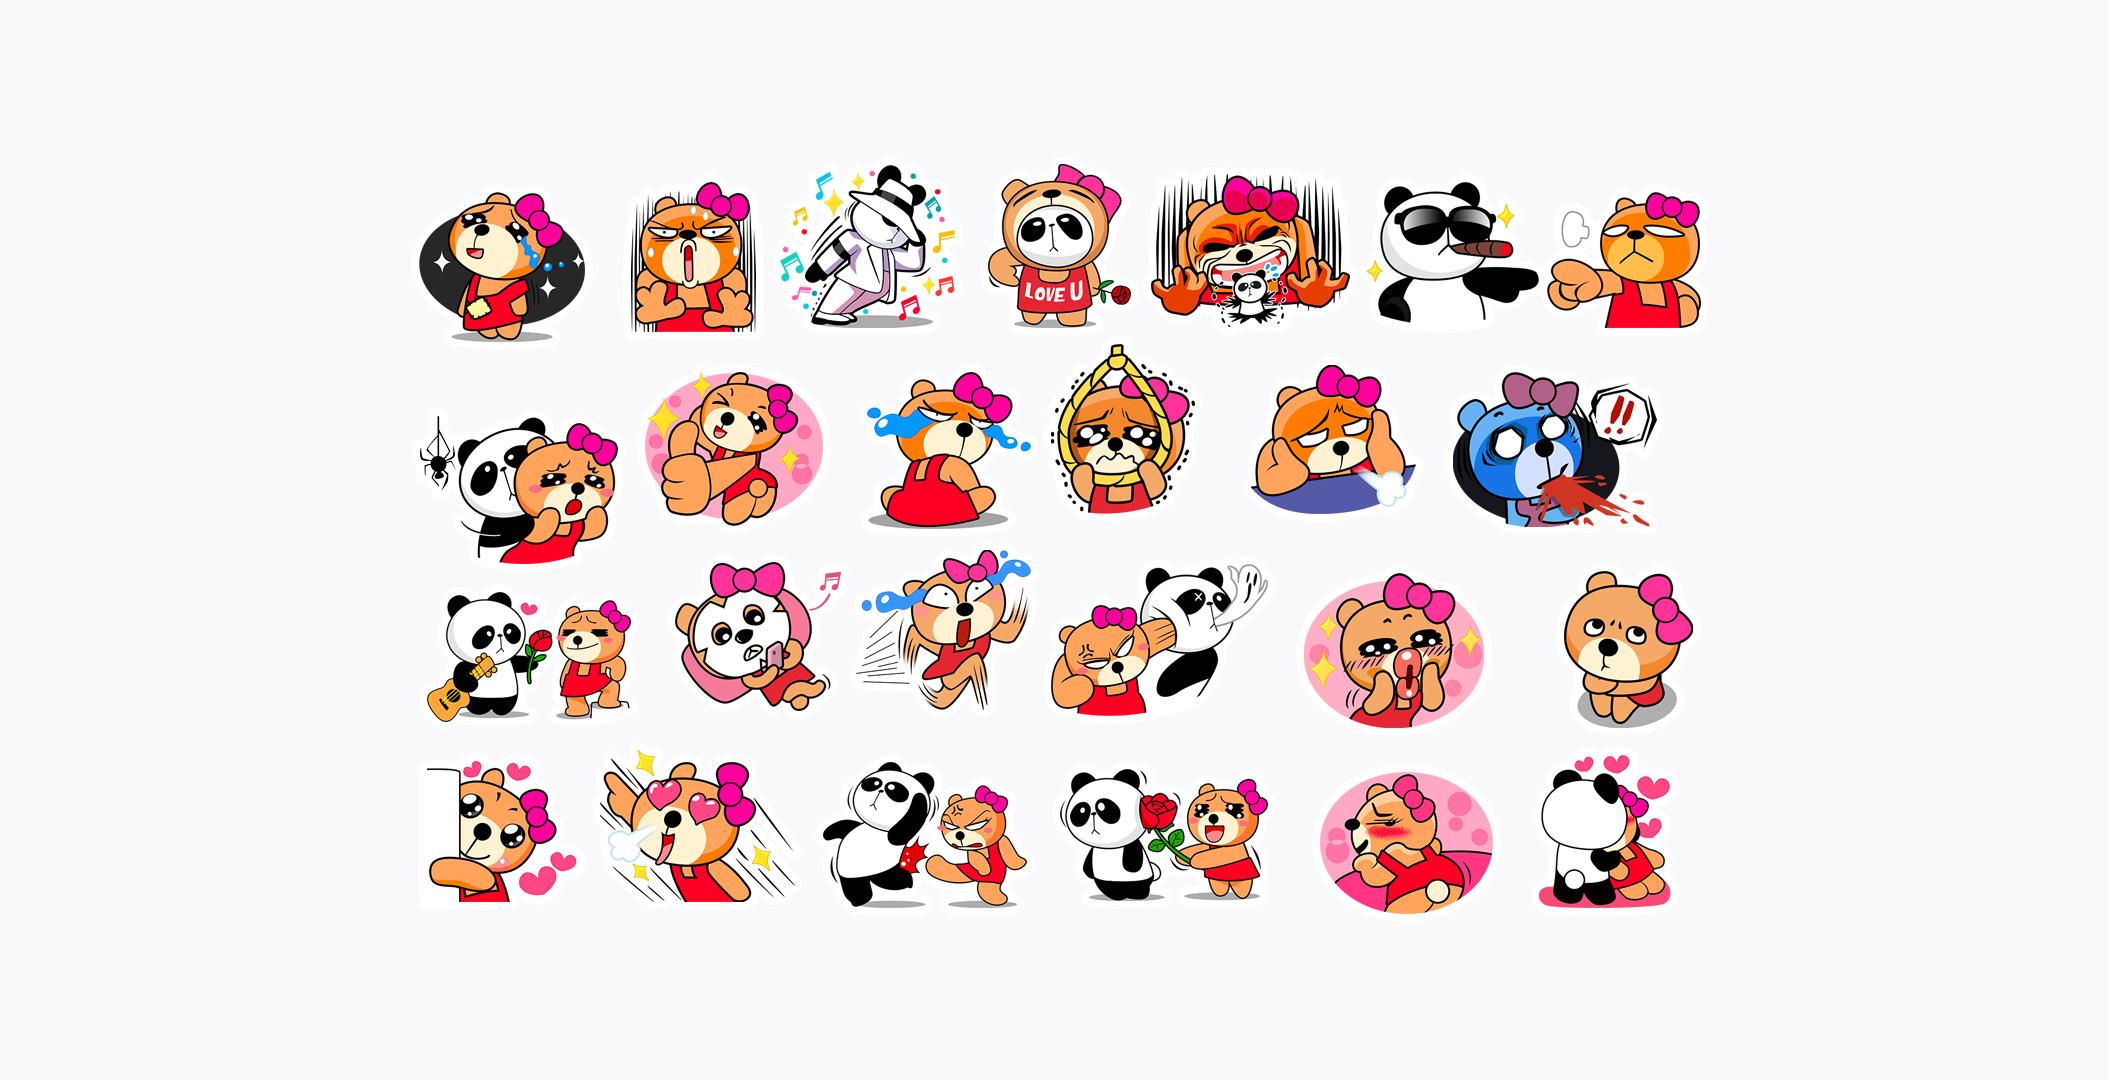 sticker_002